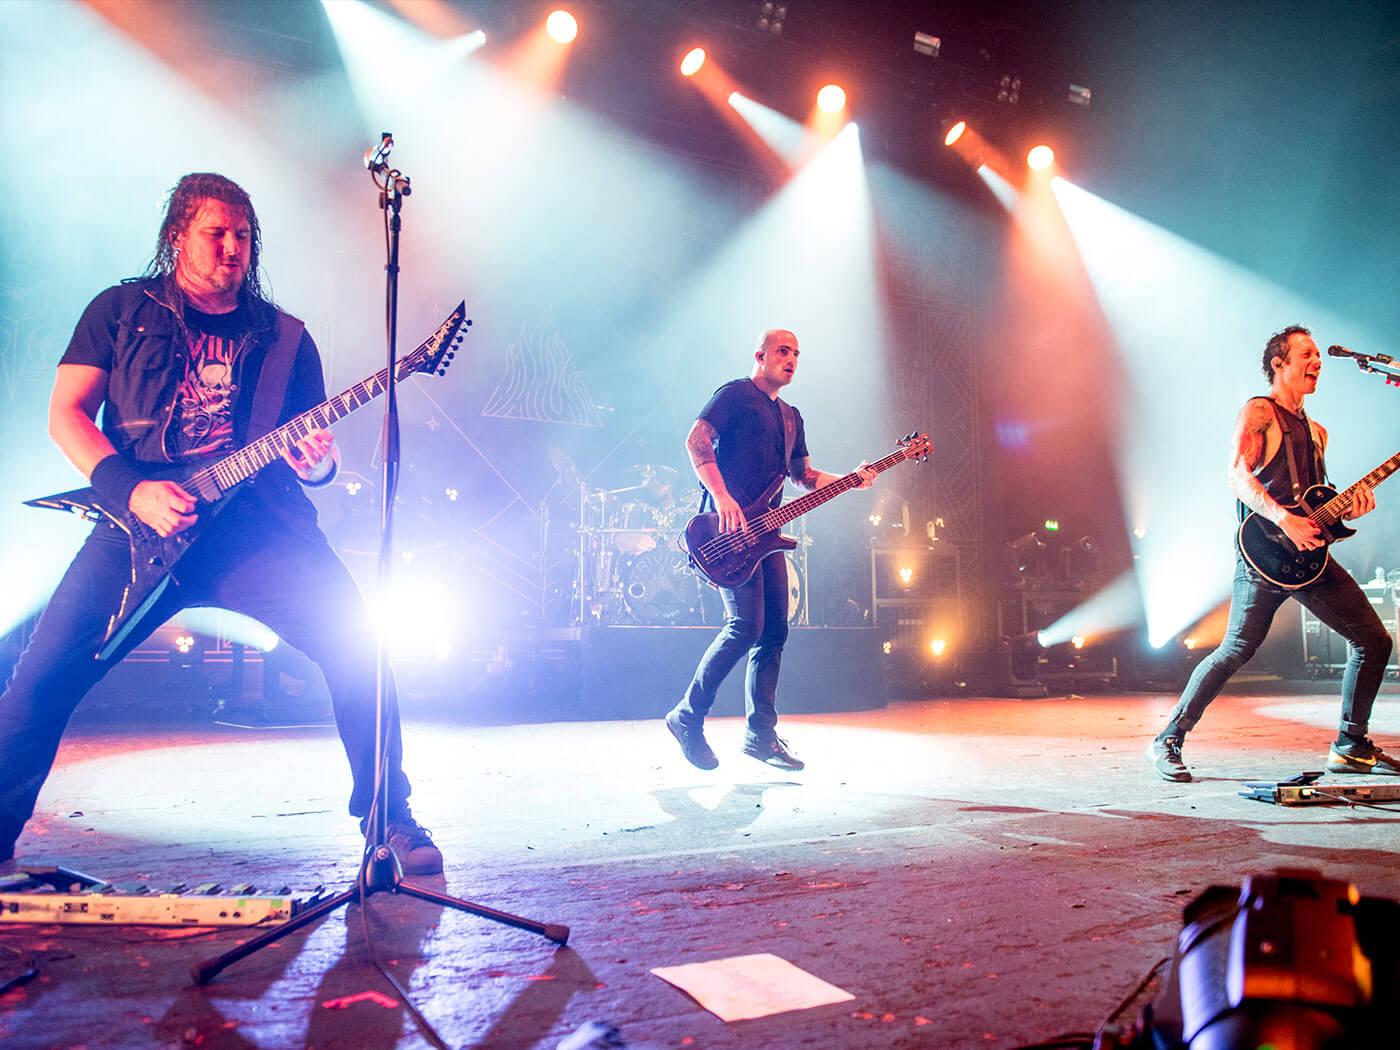 Trivium performing live.